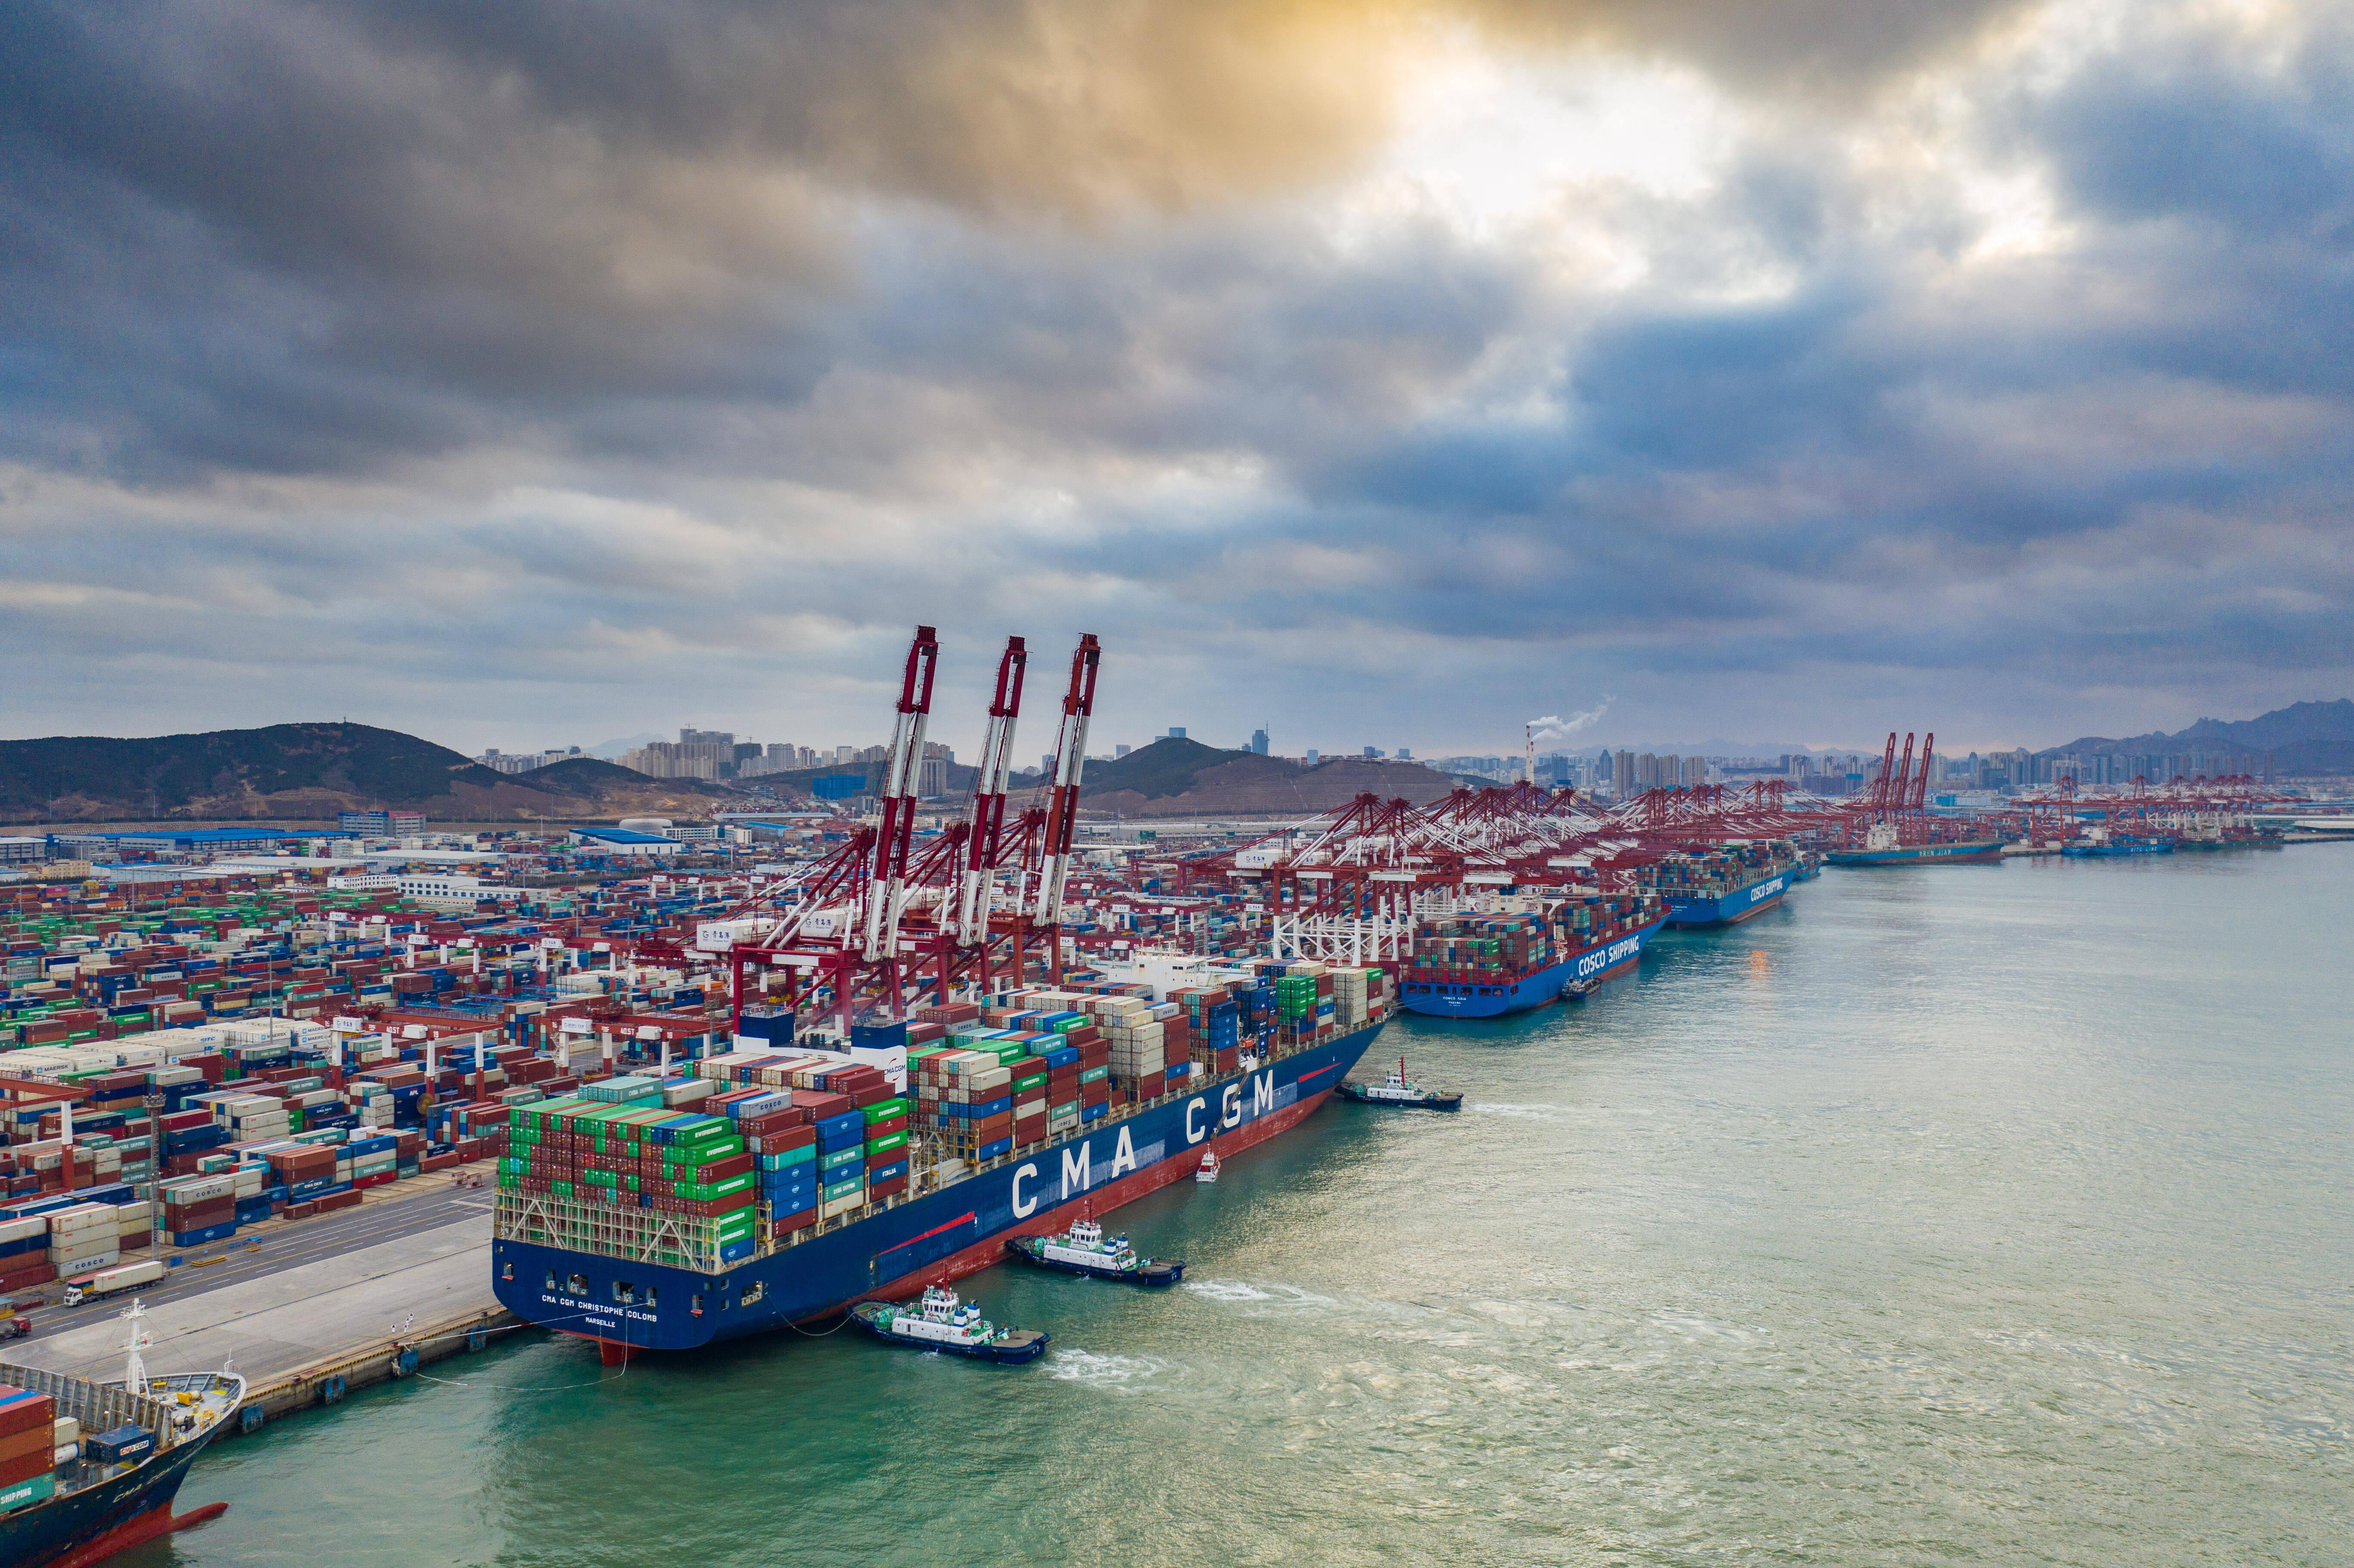 山东港口青岛港前湾集装箱码头一派繁忙景象。